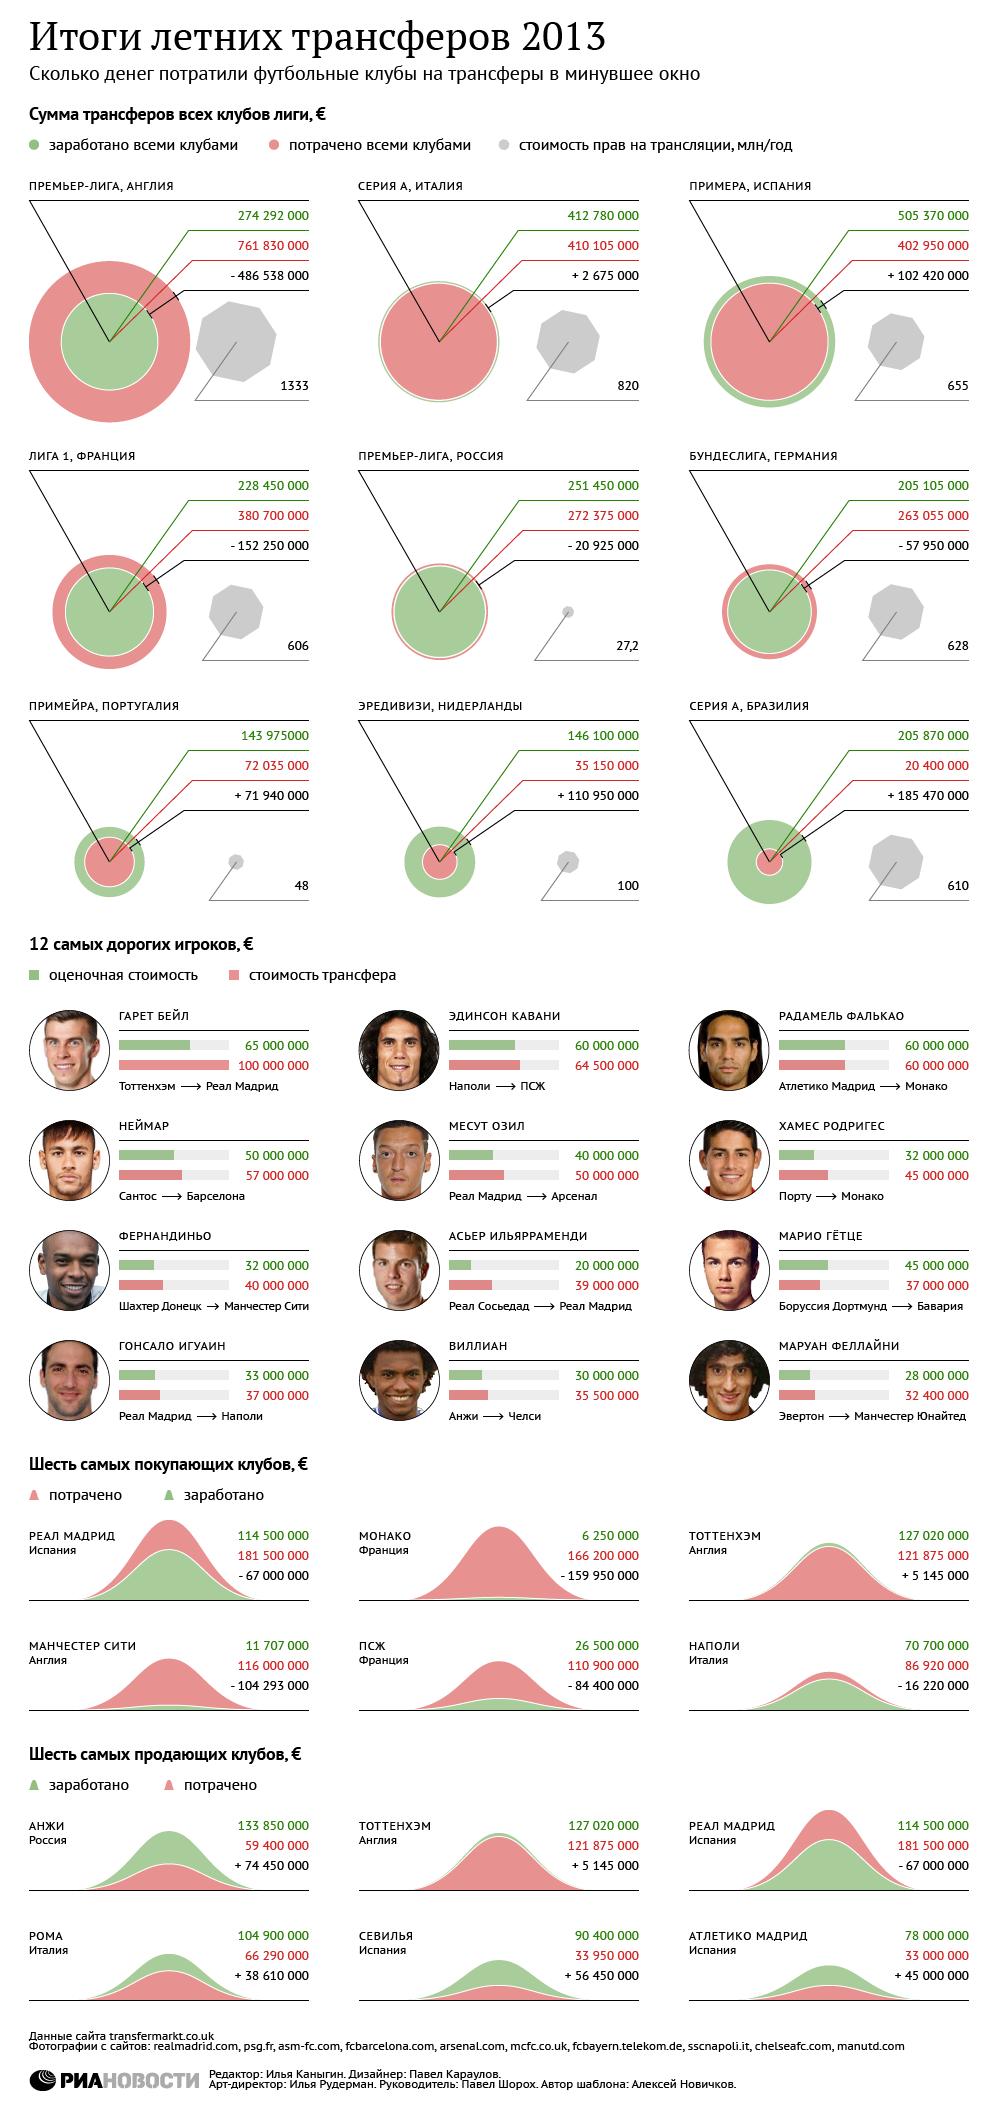 Итоги летних футбольных трансферов 2013 года